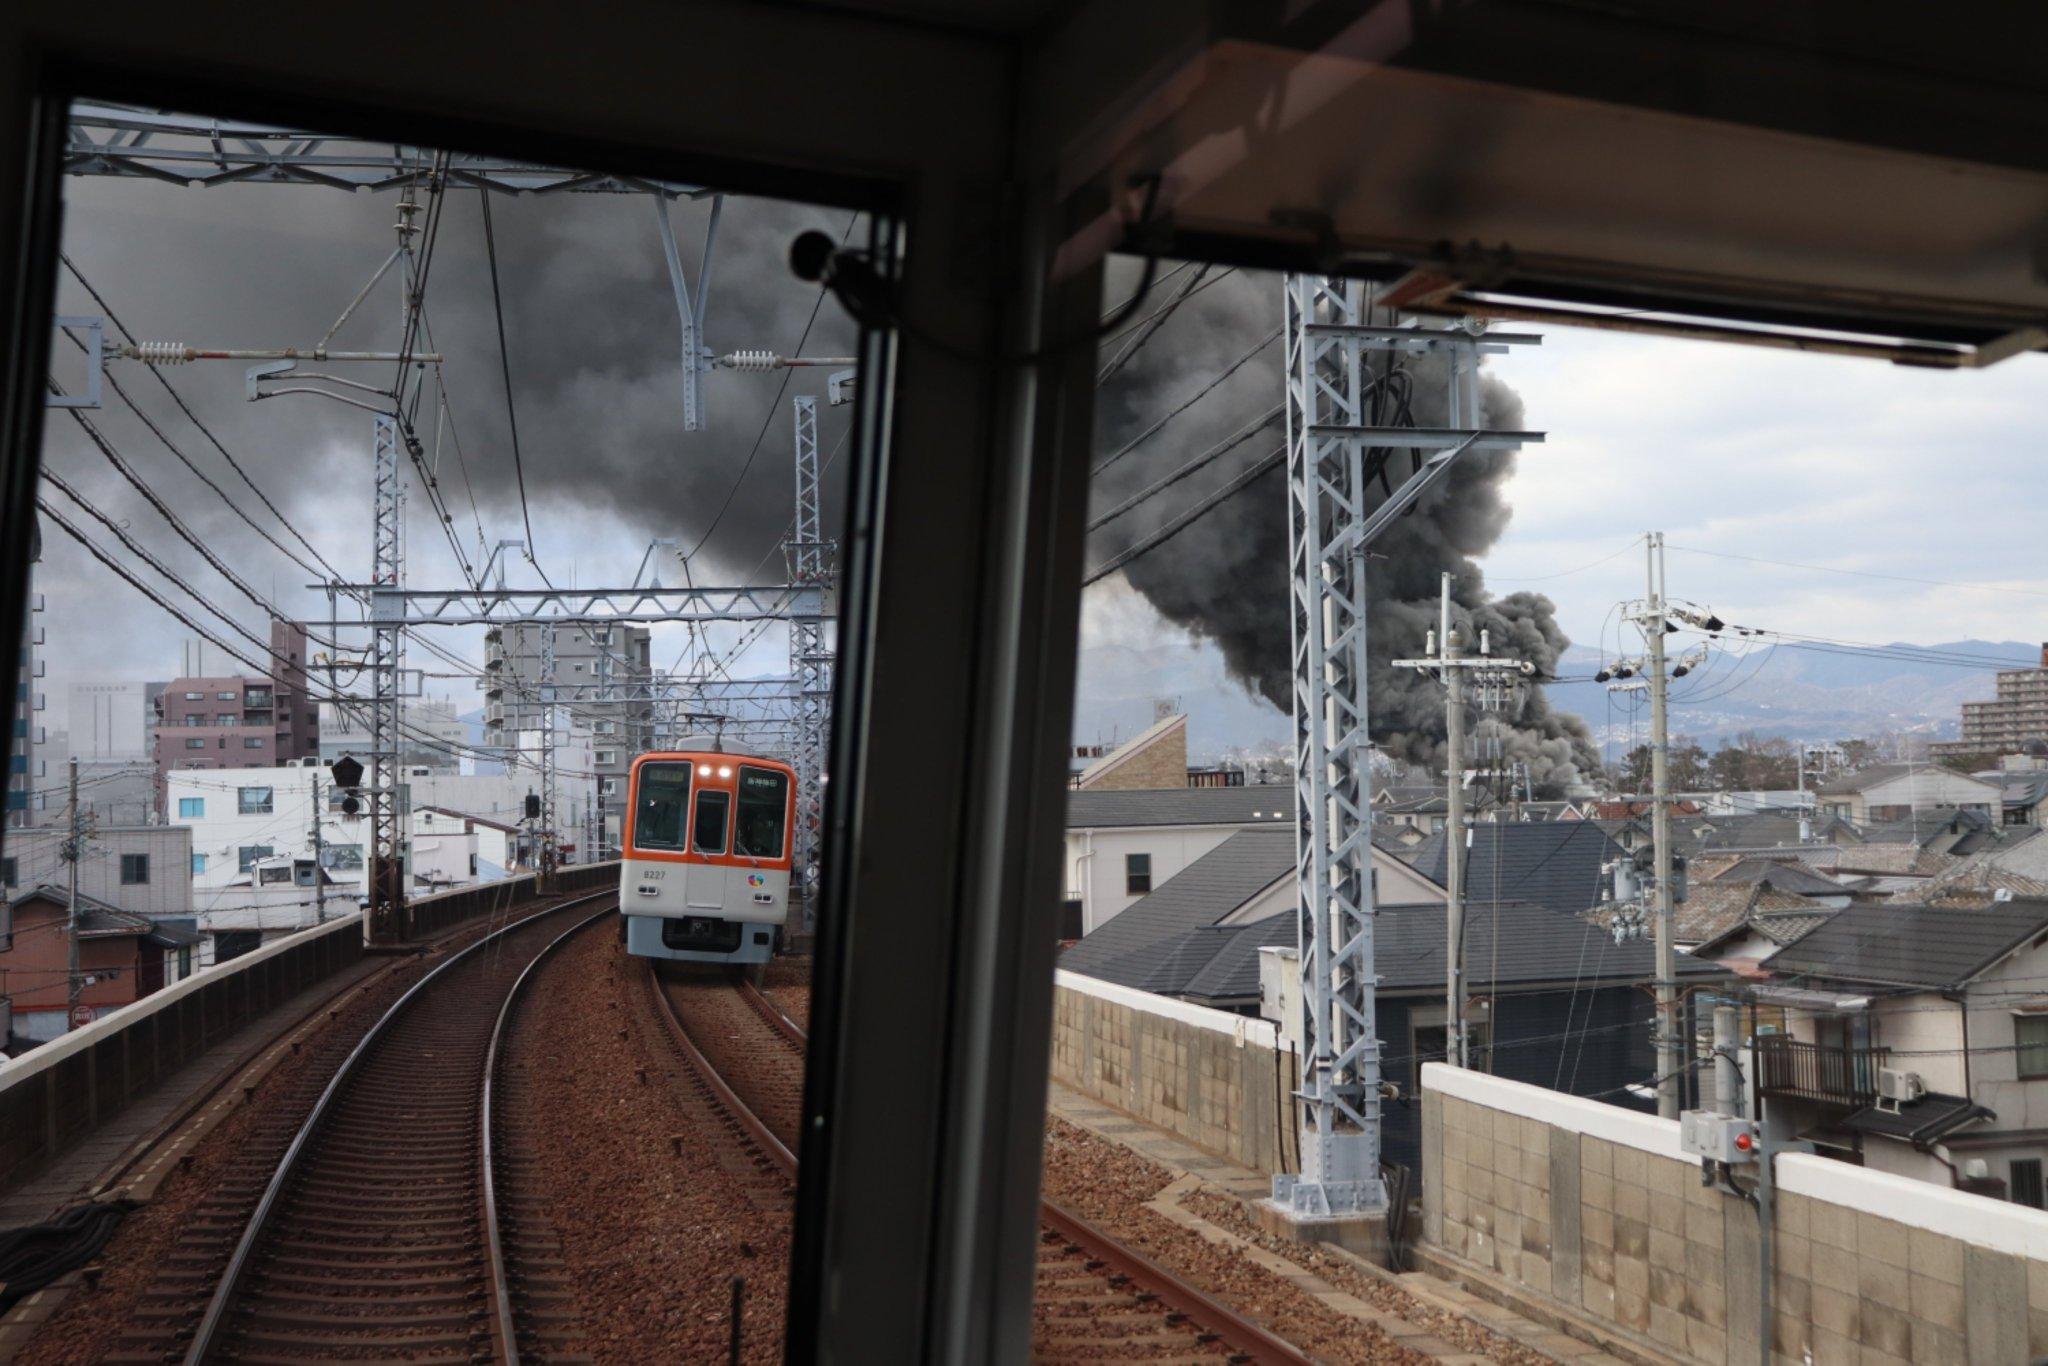 画像,尼崎センタープール前~武庫川間で沿線火災との事… https://t.co/9mVN9zO7c4。